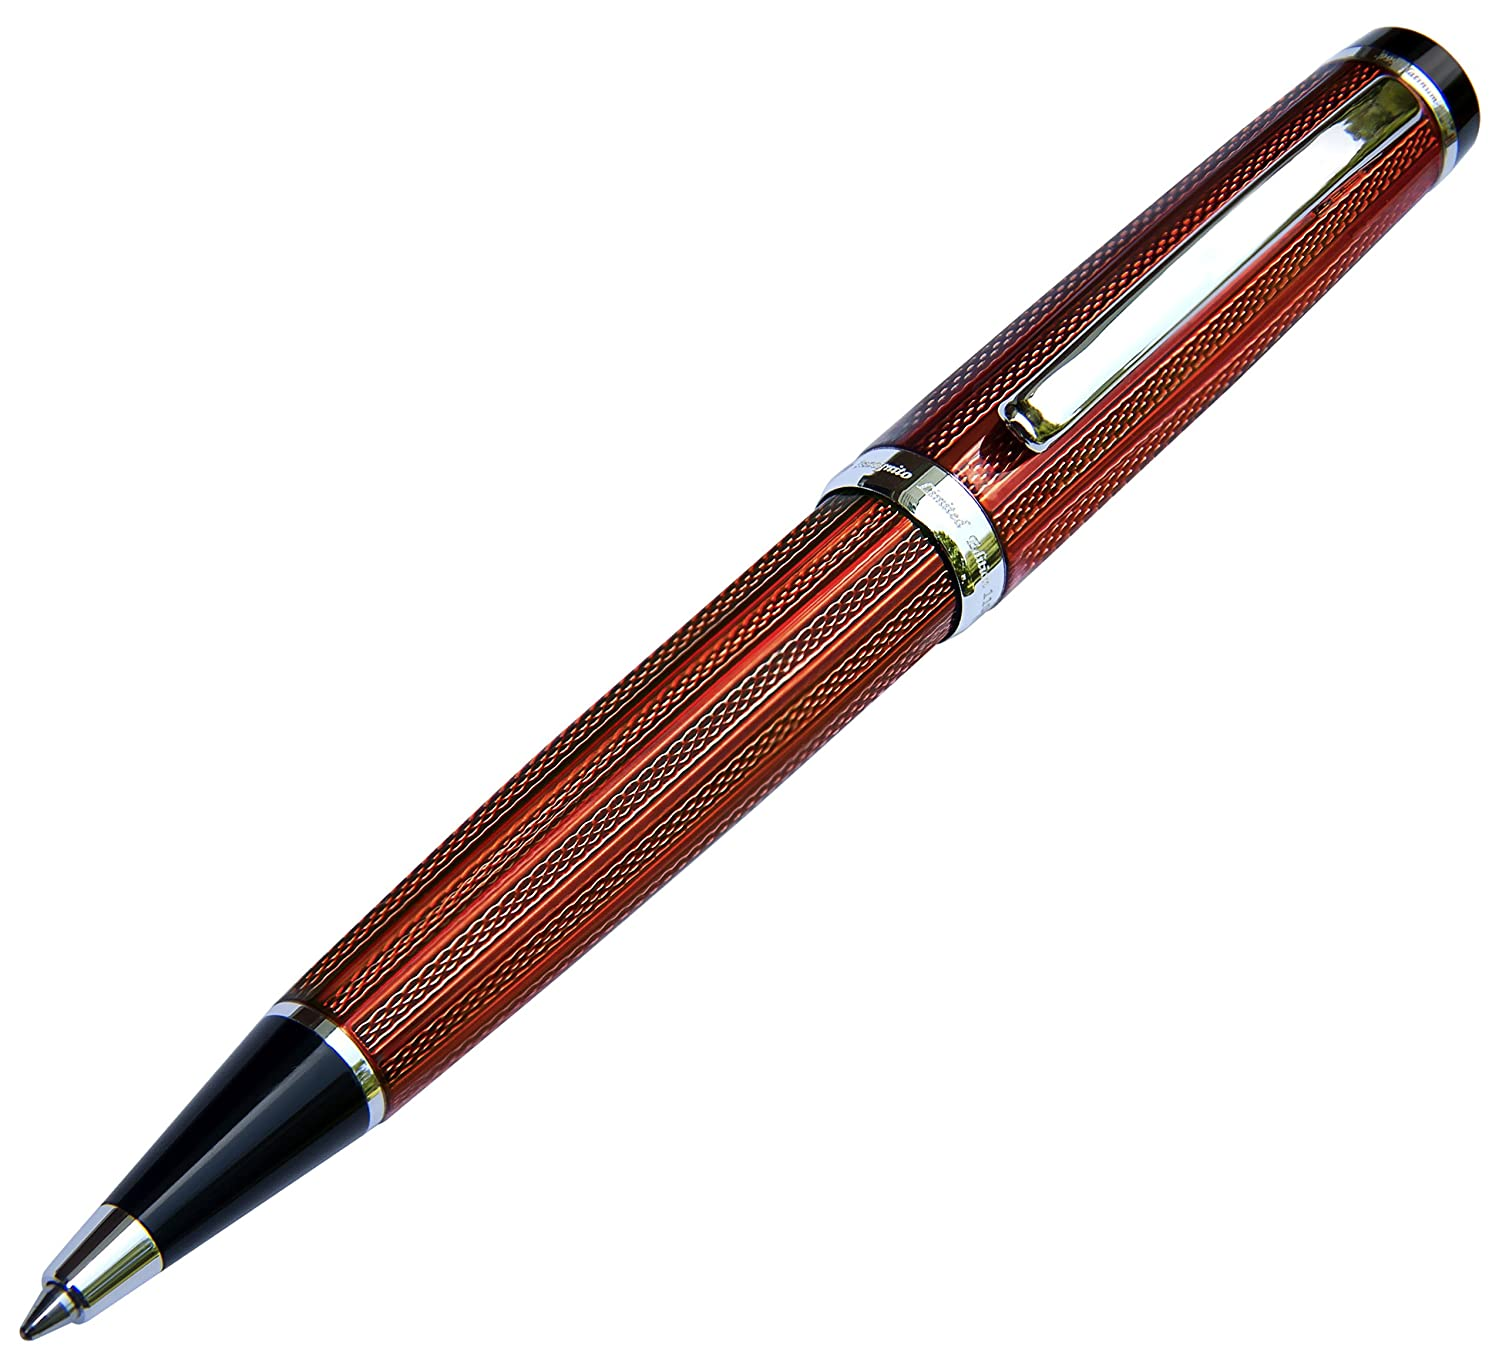 Xezo Incognito Brass Ballpoint Pen in Luxurious Copper-Red Color, Diamond-Cut, Serial, Platinum Plated Parts (Incognito Copper B)